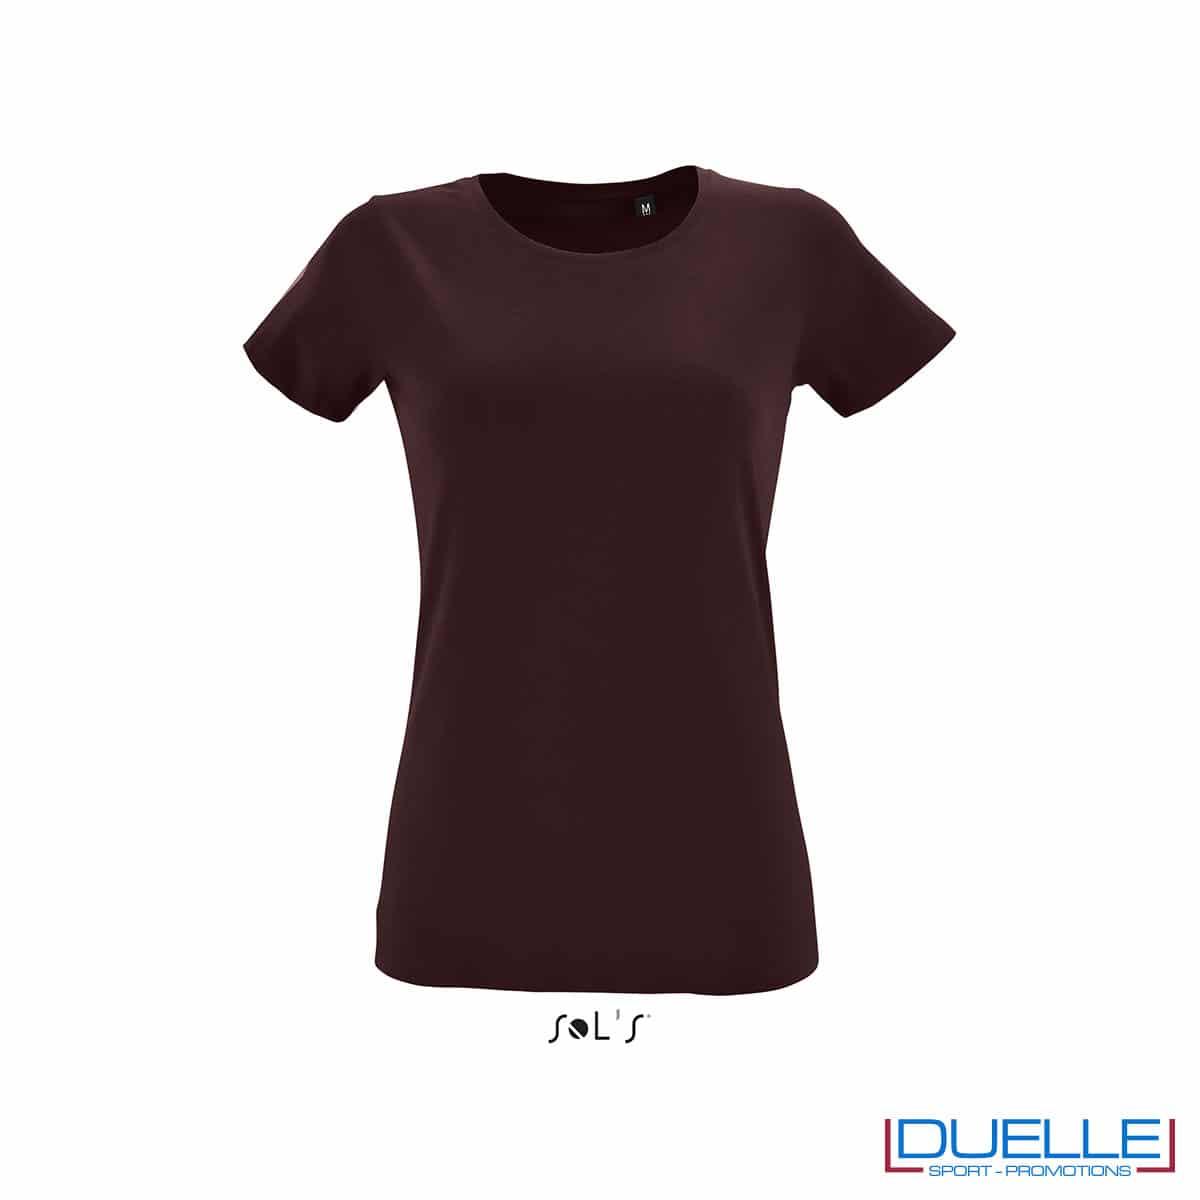 maglietta donna rosso borgogna fitness